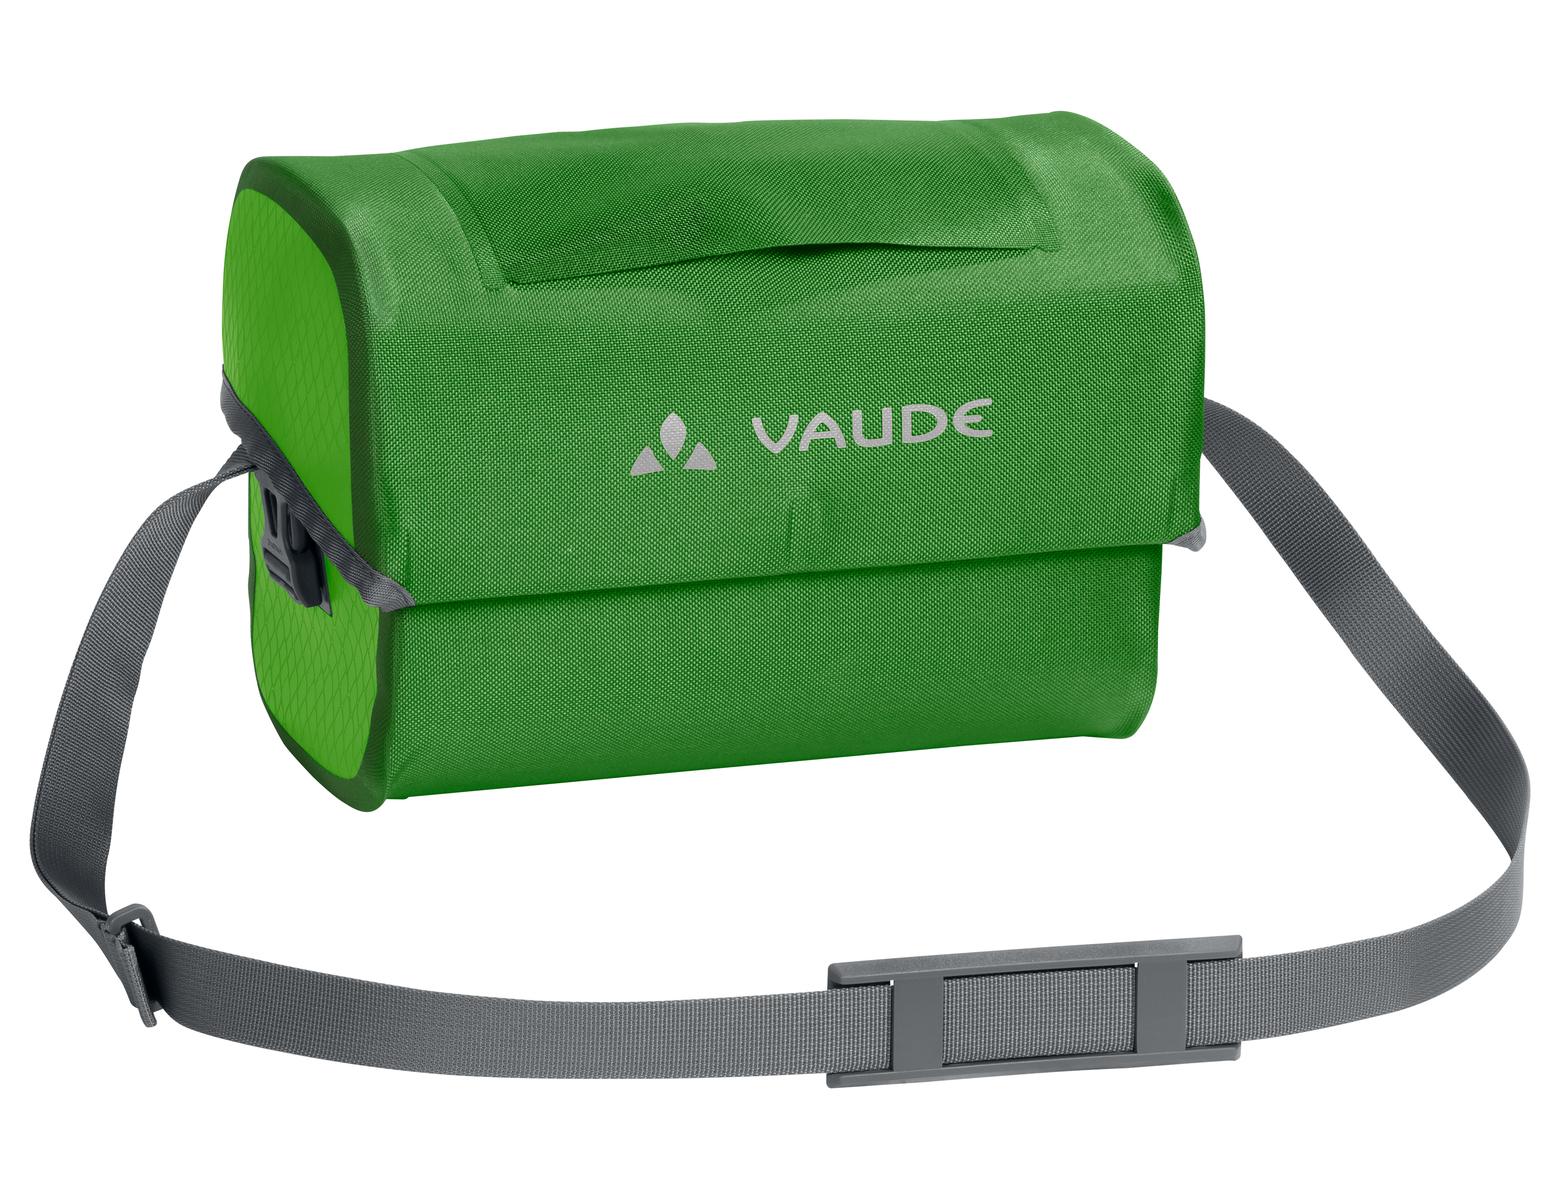 VAUDE Aqua Box parrot green  - 2-Rad-Sport Wehrle